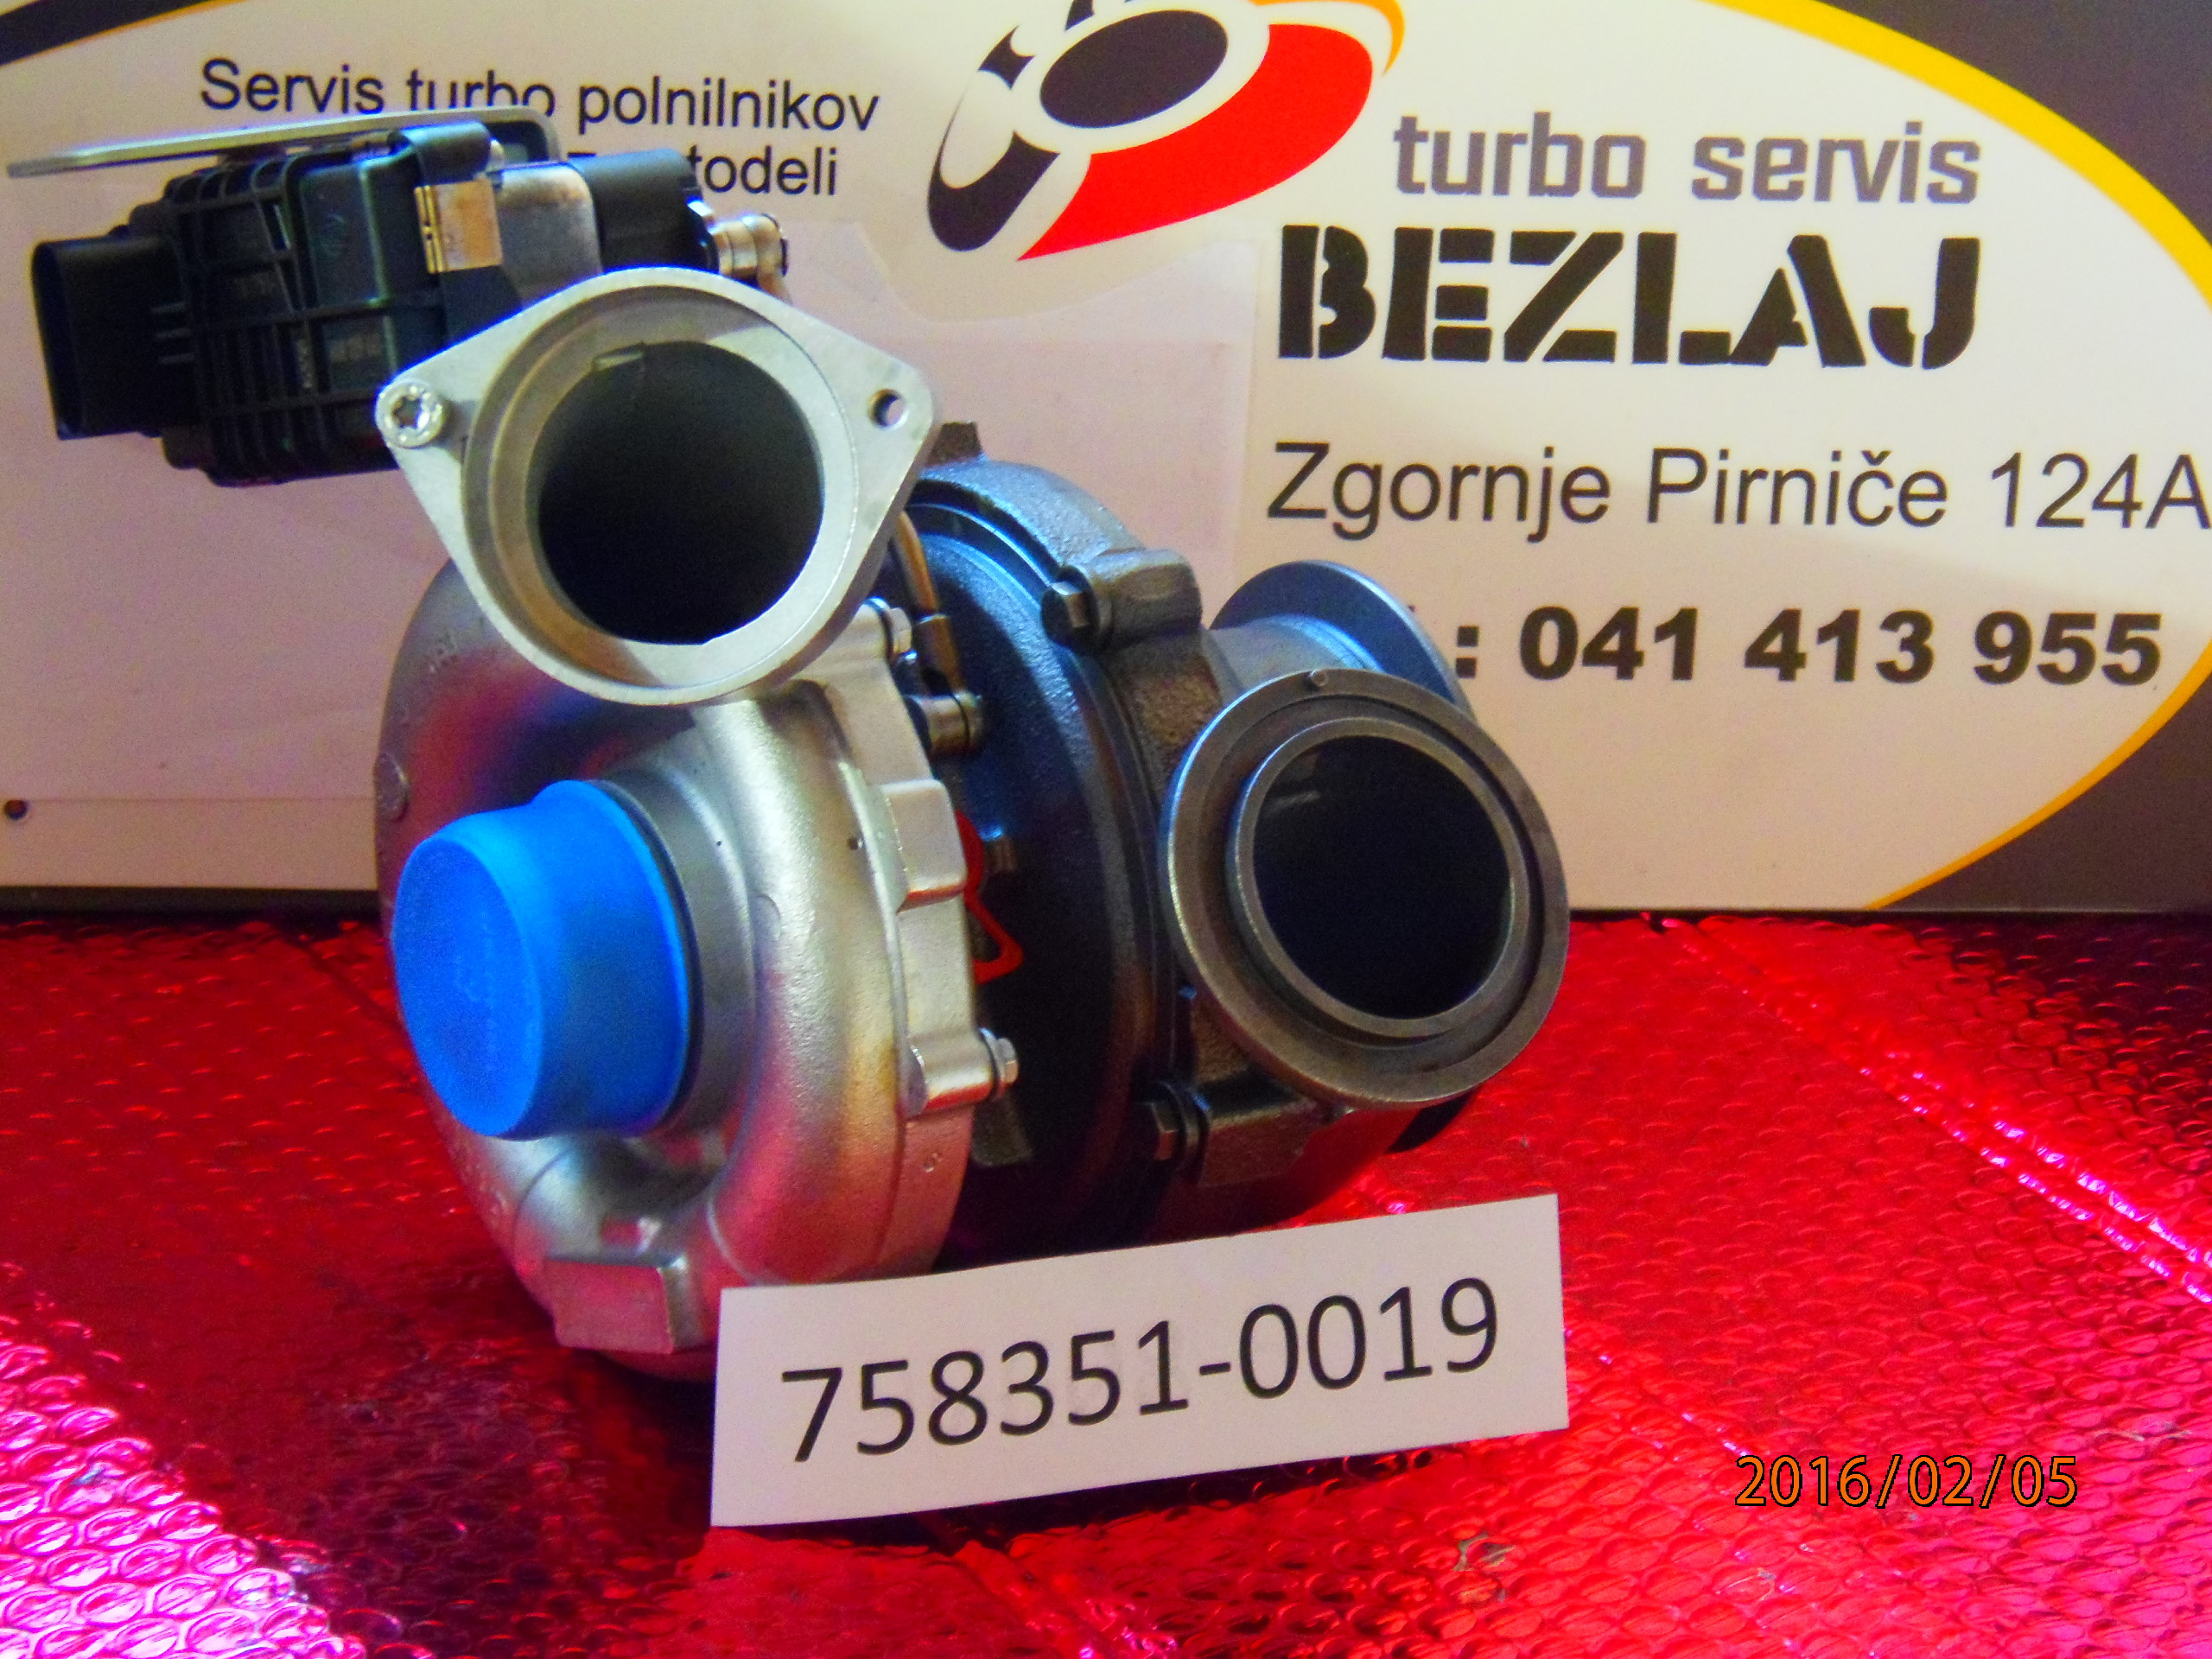 turbo 758351-0019 (3)